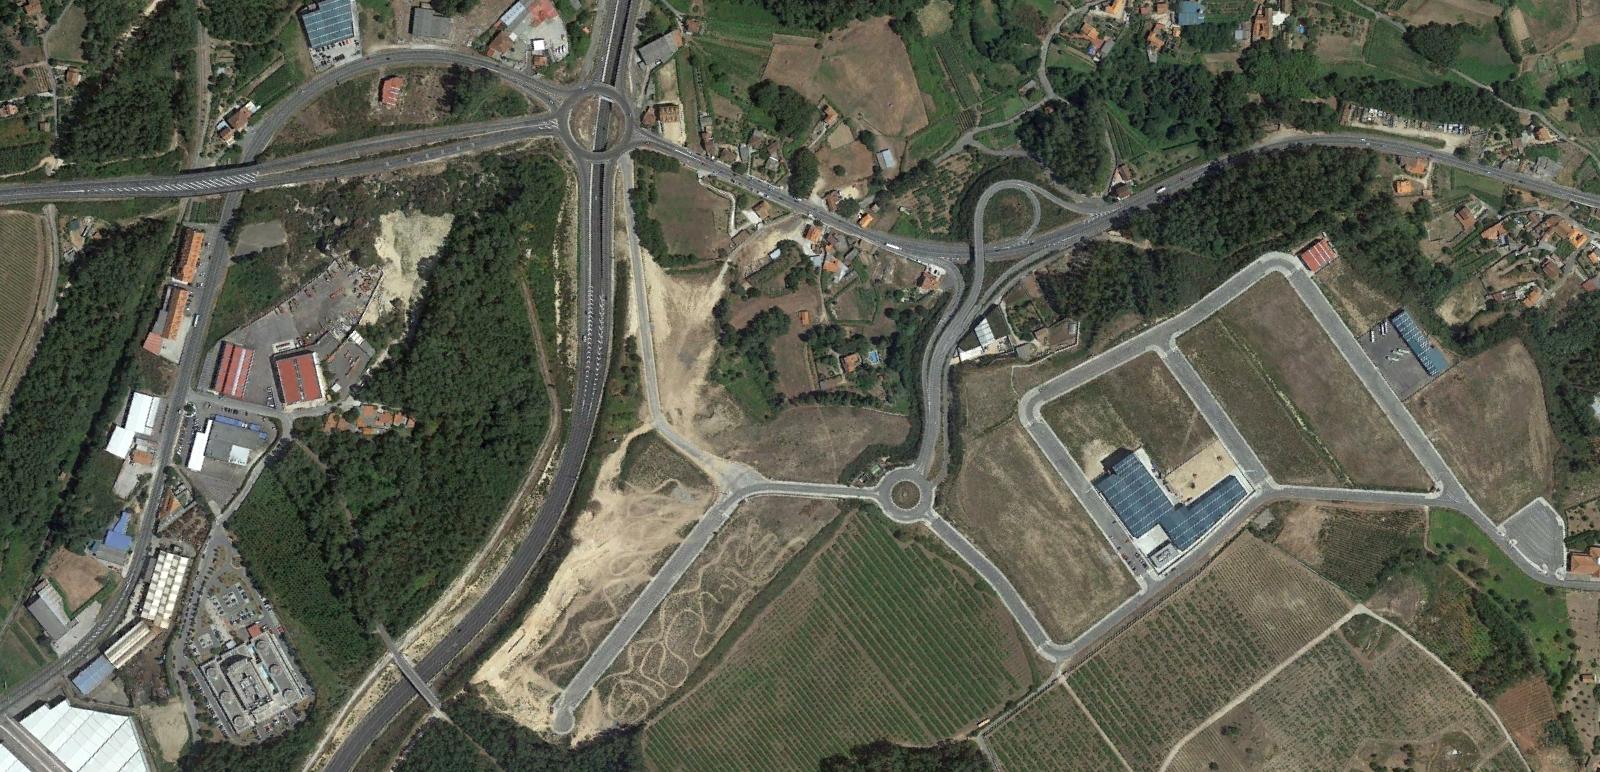 parque empresarial vilanova I, vilanova de arousa, pontevedra, si valle inclán levantara la cabeza, después, urbanismo, planeamiento, urbano, desastre, urbanístico, construcción, rotondas, carretera